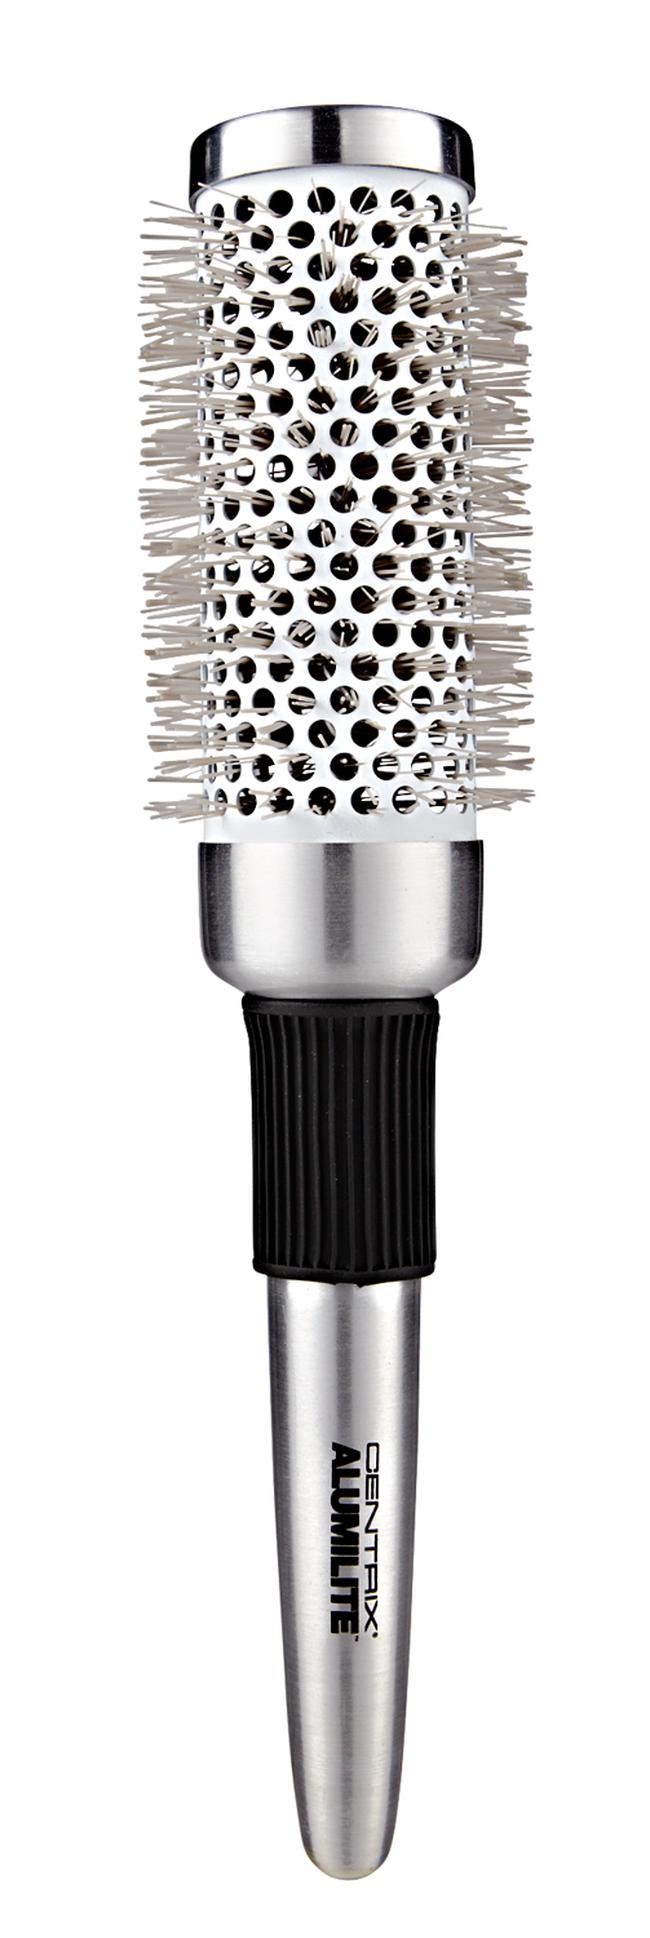 Alumilite Thermal Brush